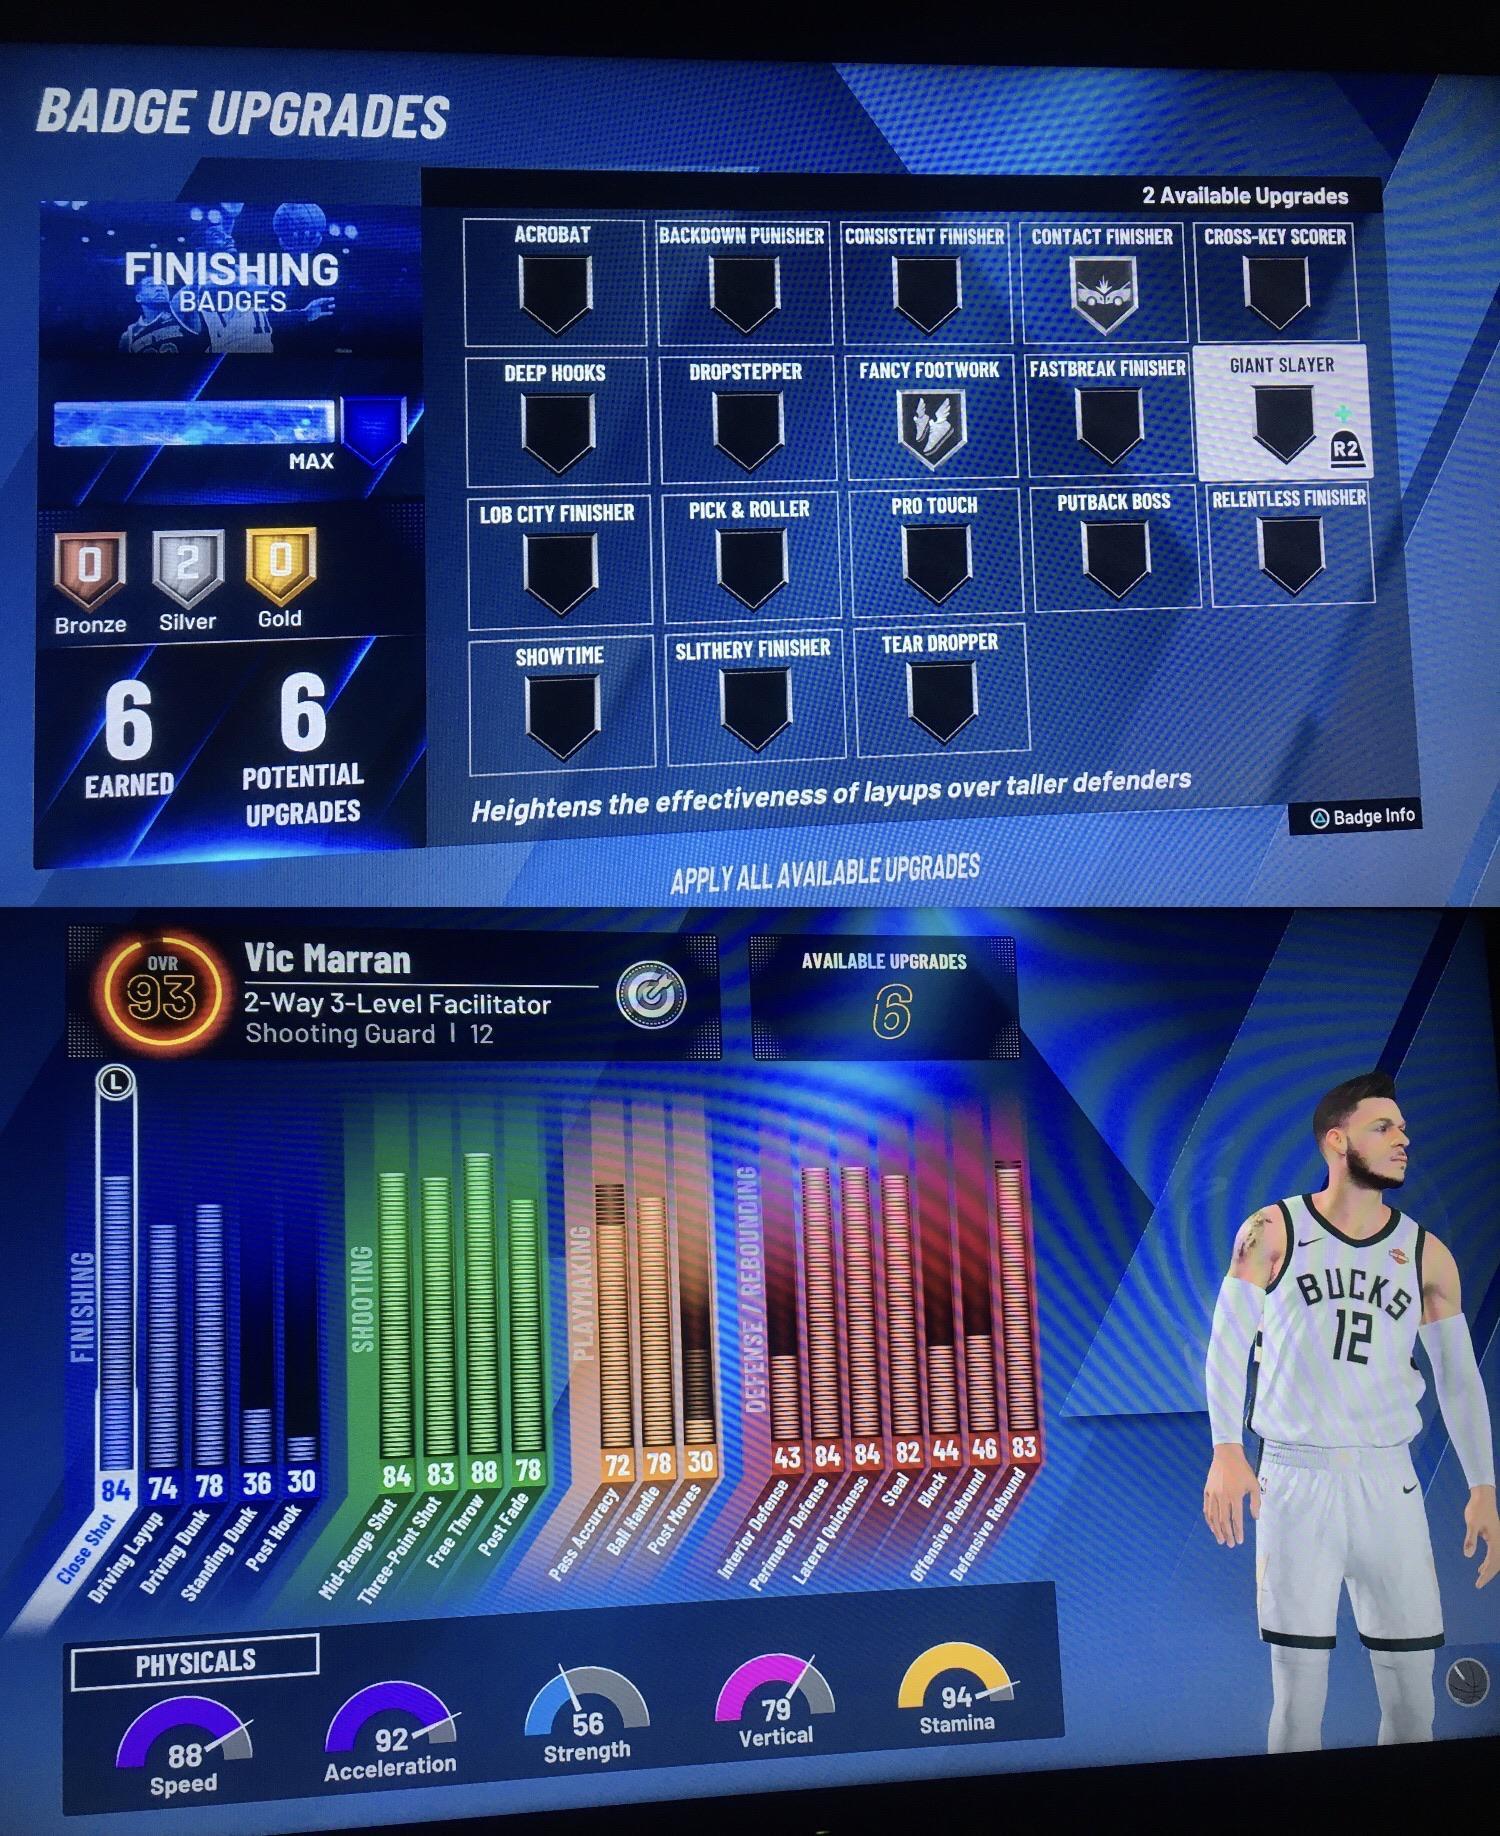 2k20 Finishing Badges : finishing, badges, Deciding, Finishing, Badges, Indecisive, Between, Acrobat, Giant, Slayer., NBA2k